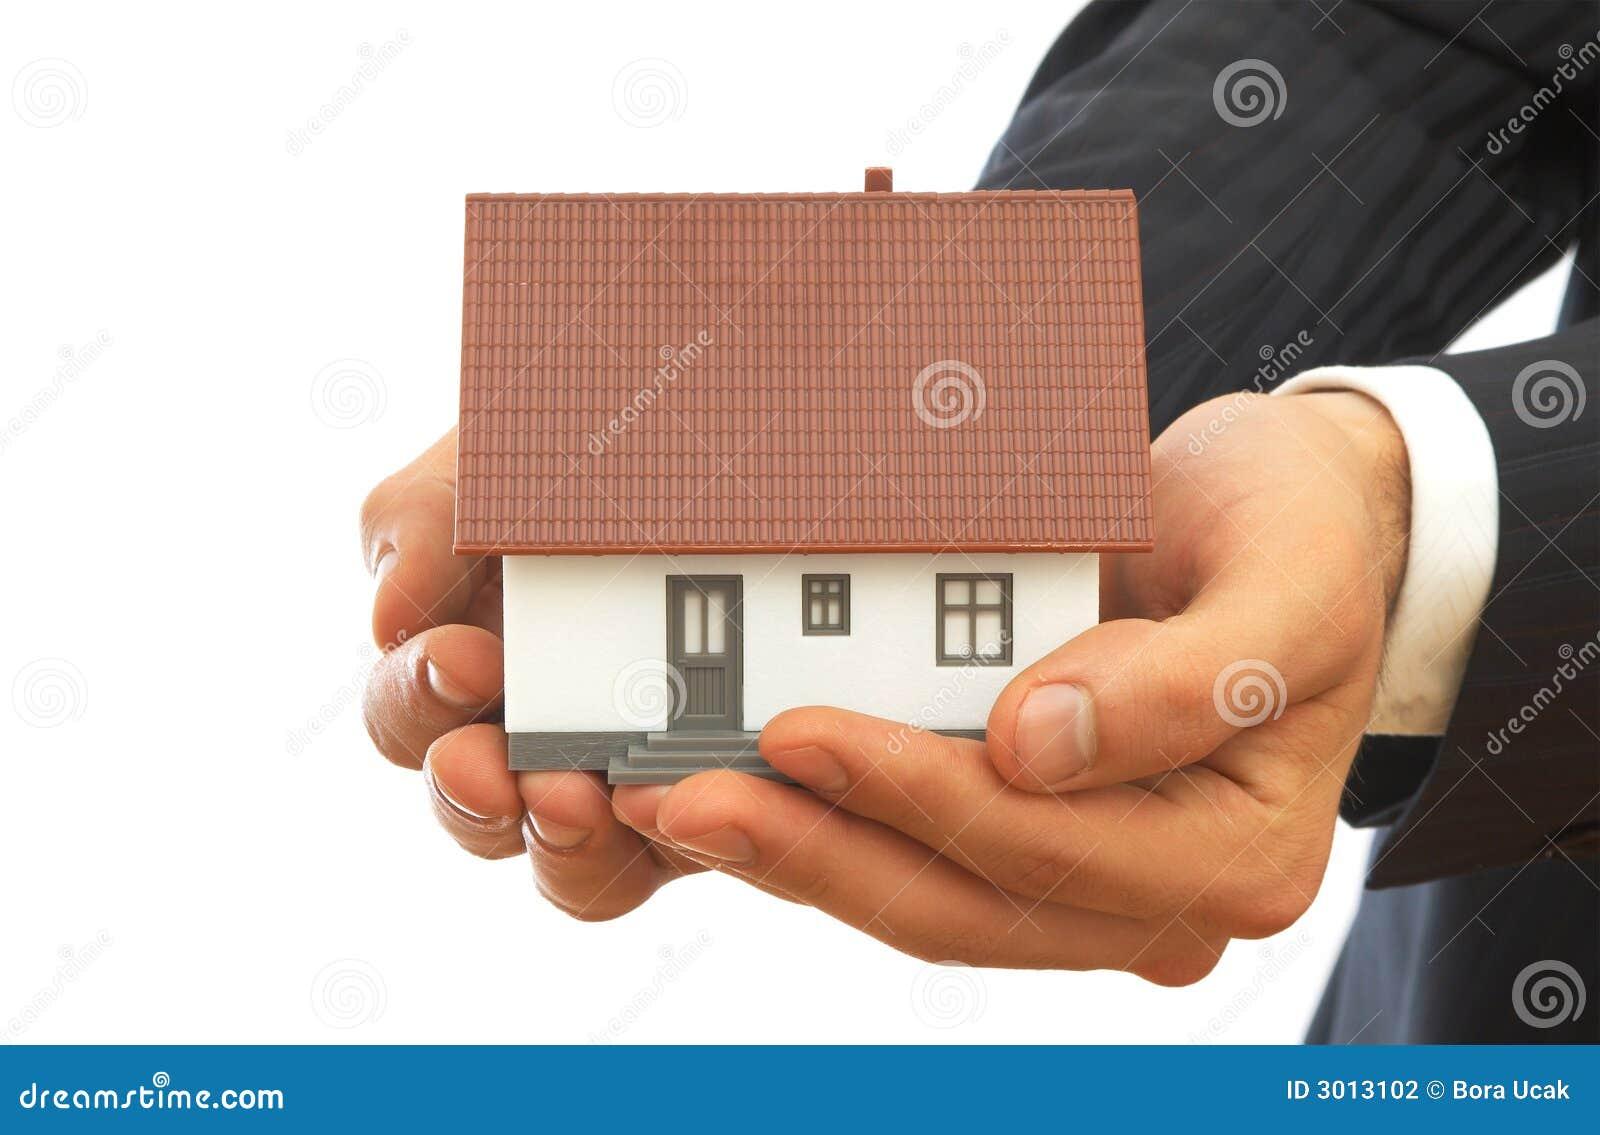 Bens imobiliários